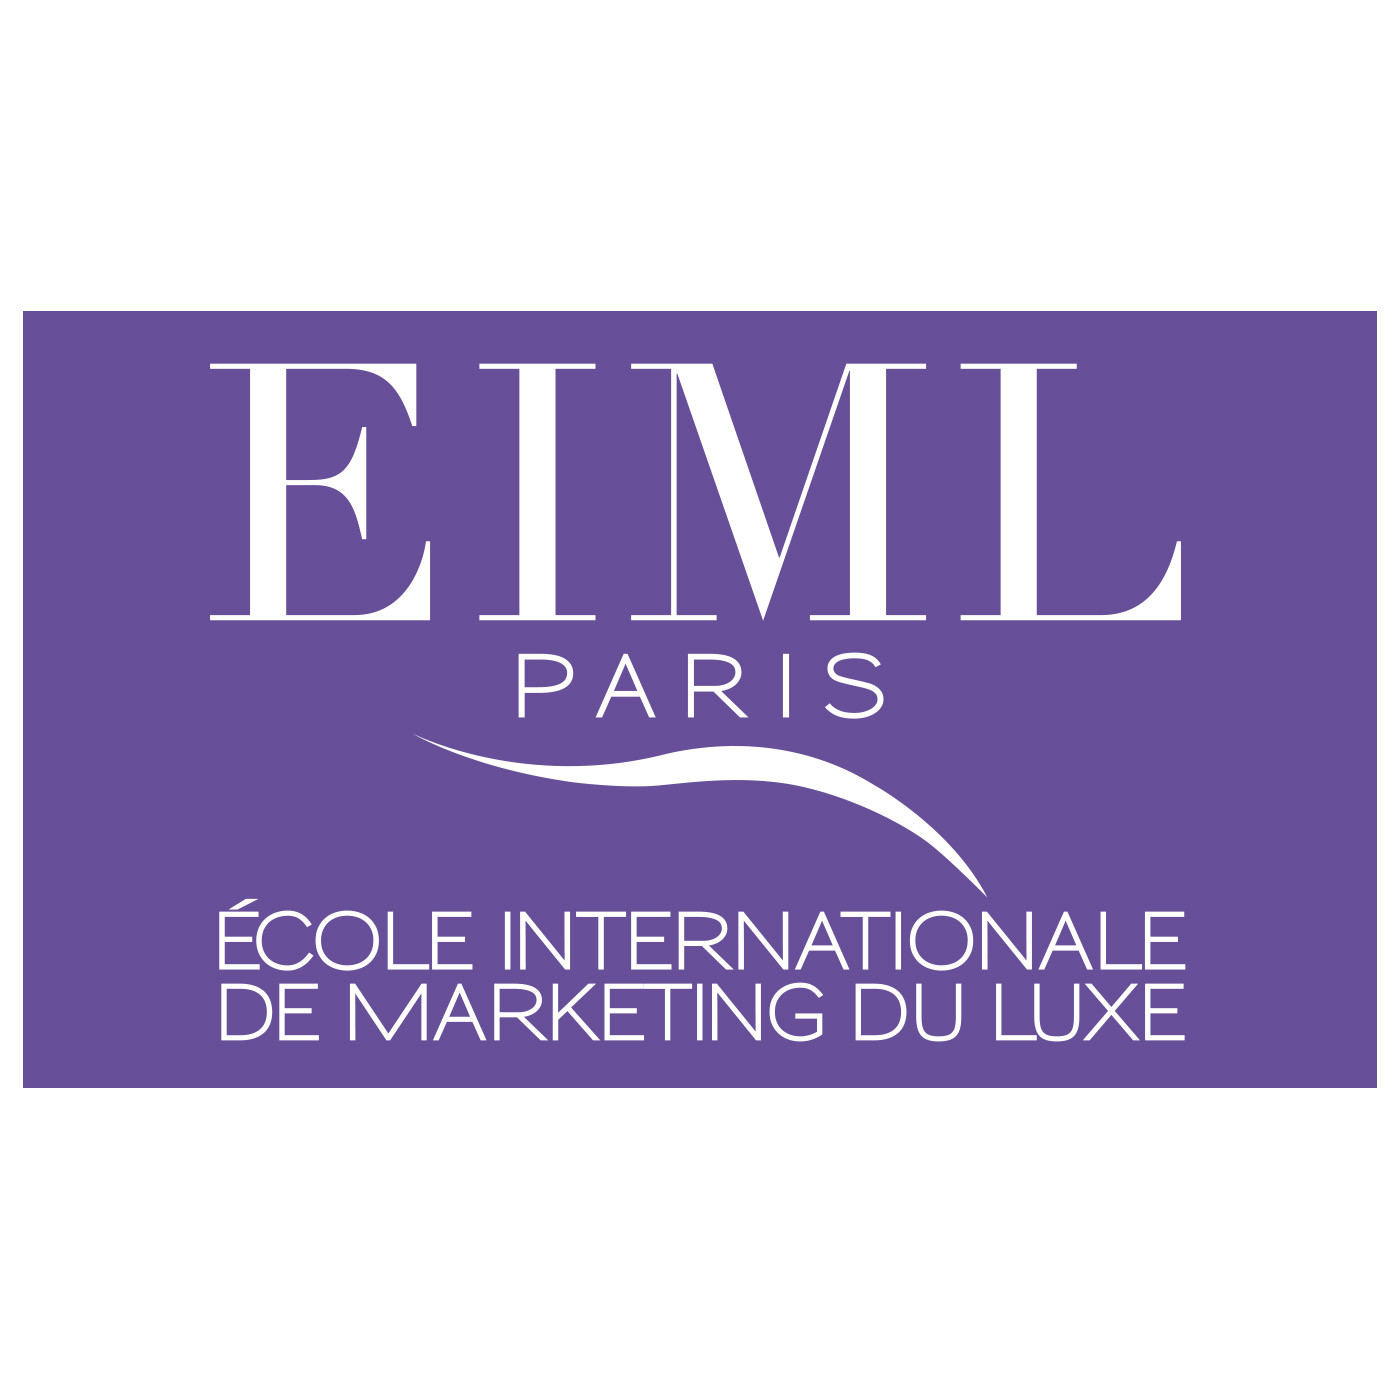 EIML Paris - Cité du Luxe